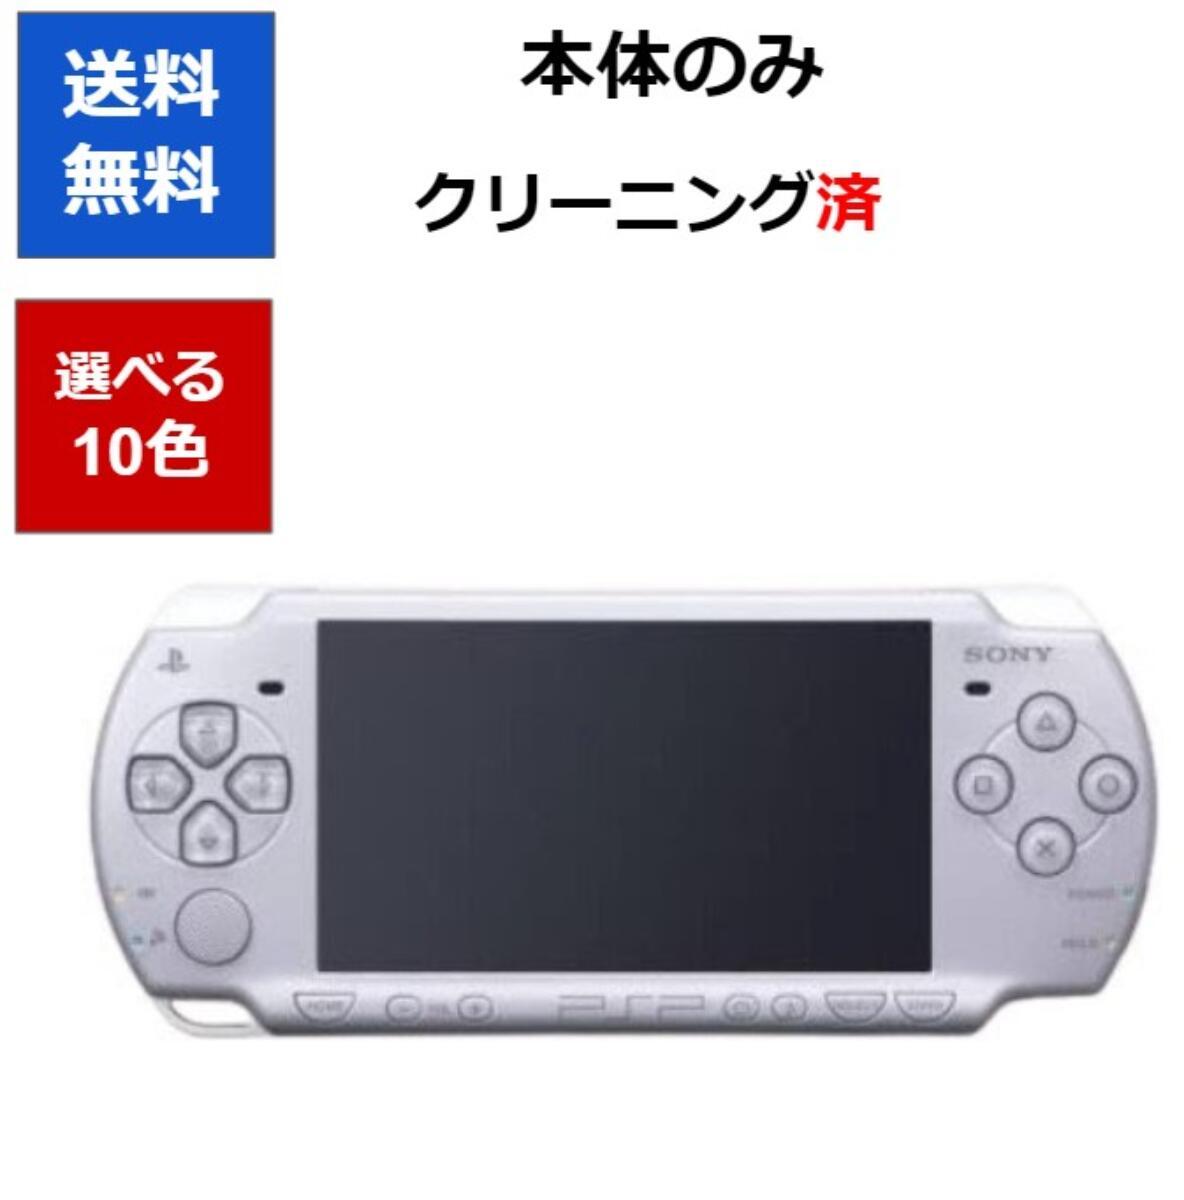 プレイステーション・ポータブル, 本体 PSP-2000 10